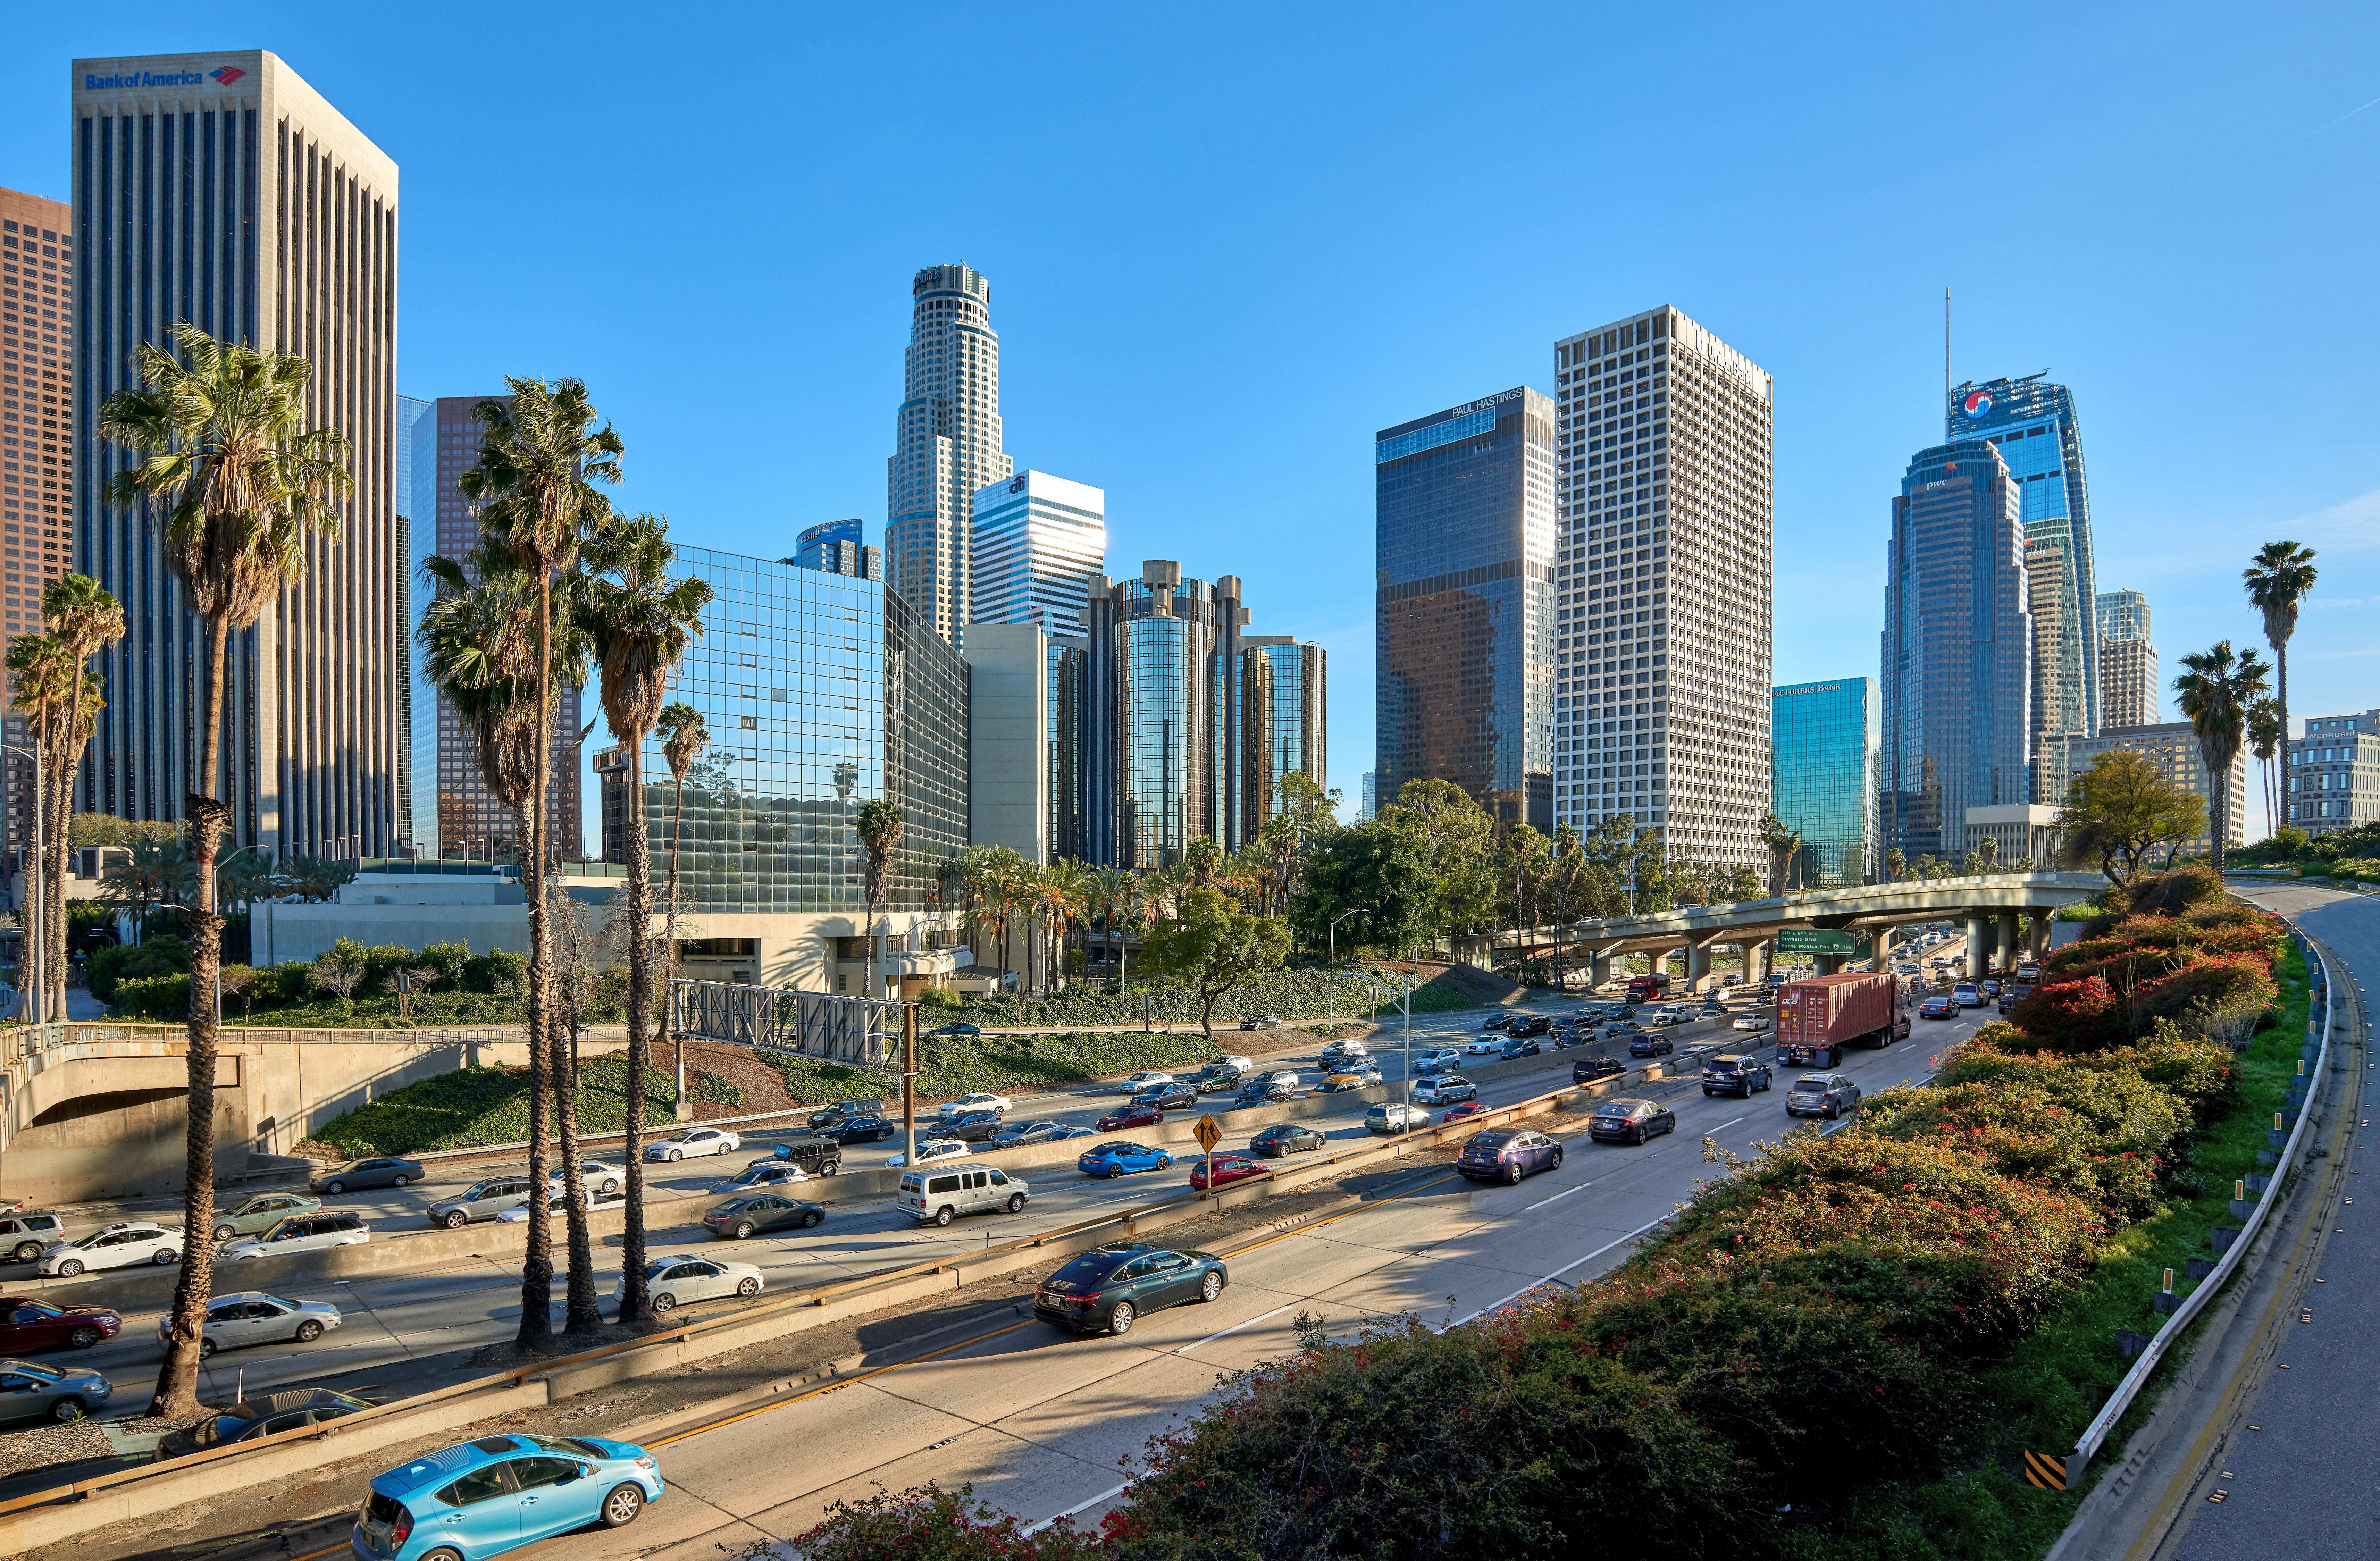 l'ancien Maire de Los Angeles, Antonio Villaraigosa, a remis à S.A.R. la Princesse Lalla Hasnaa une Proclamation de l'Assemblée et du Sénat de l'Etat de la Californie décrétant cette Journée. Ph. Shutterstock